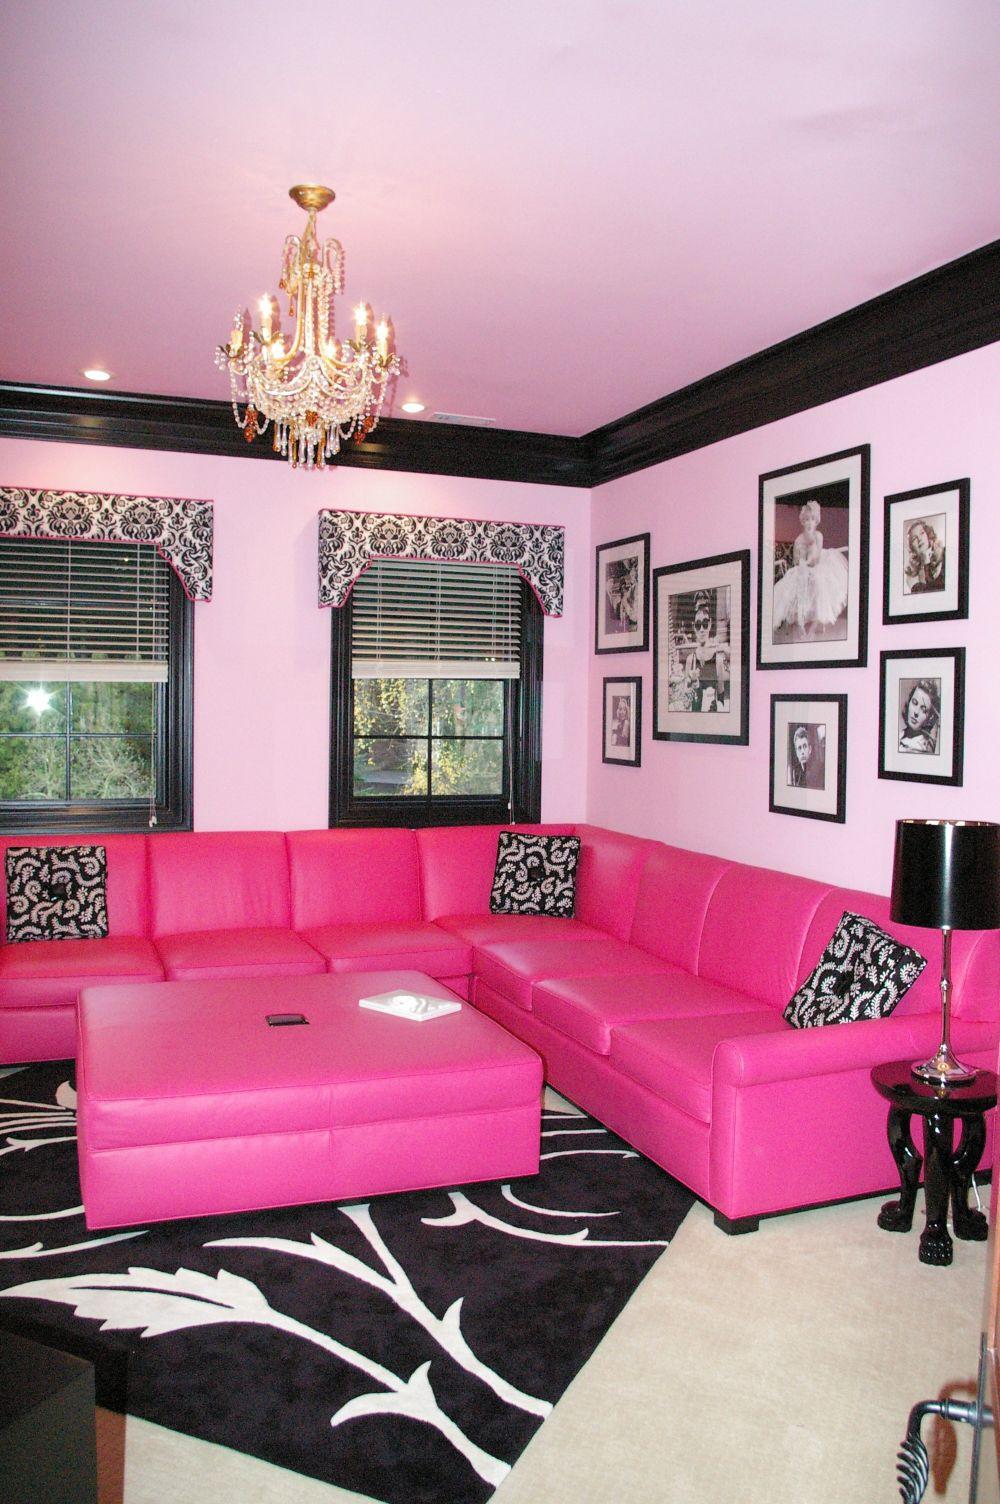 Розовый диван в интерьере арт-деко